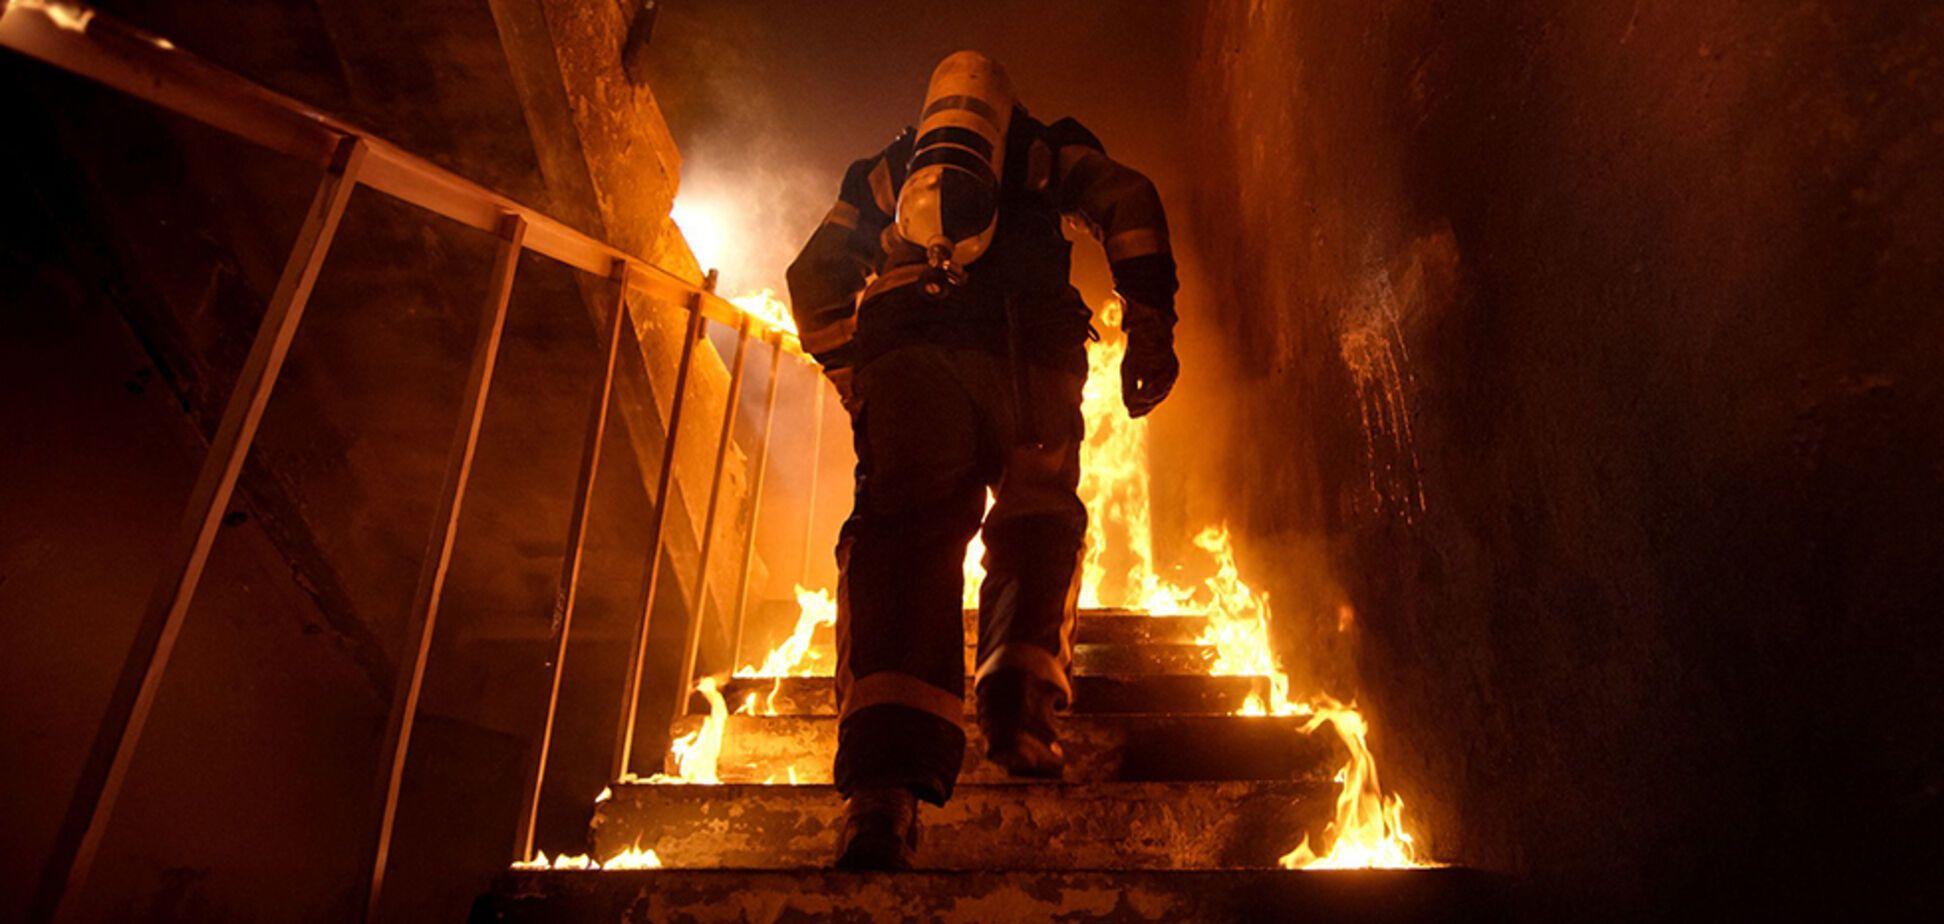 В Днепре обгорел мужчина, который пытался самостоятельно потушить пожар